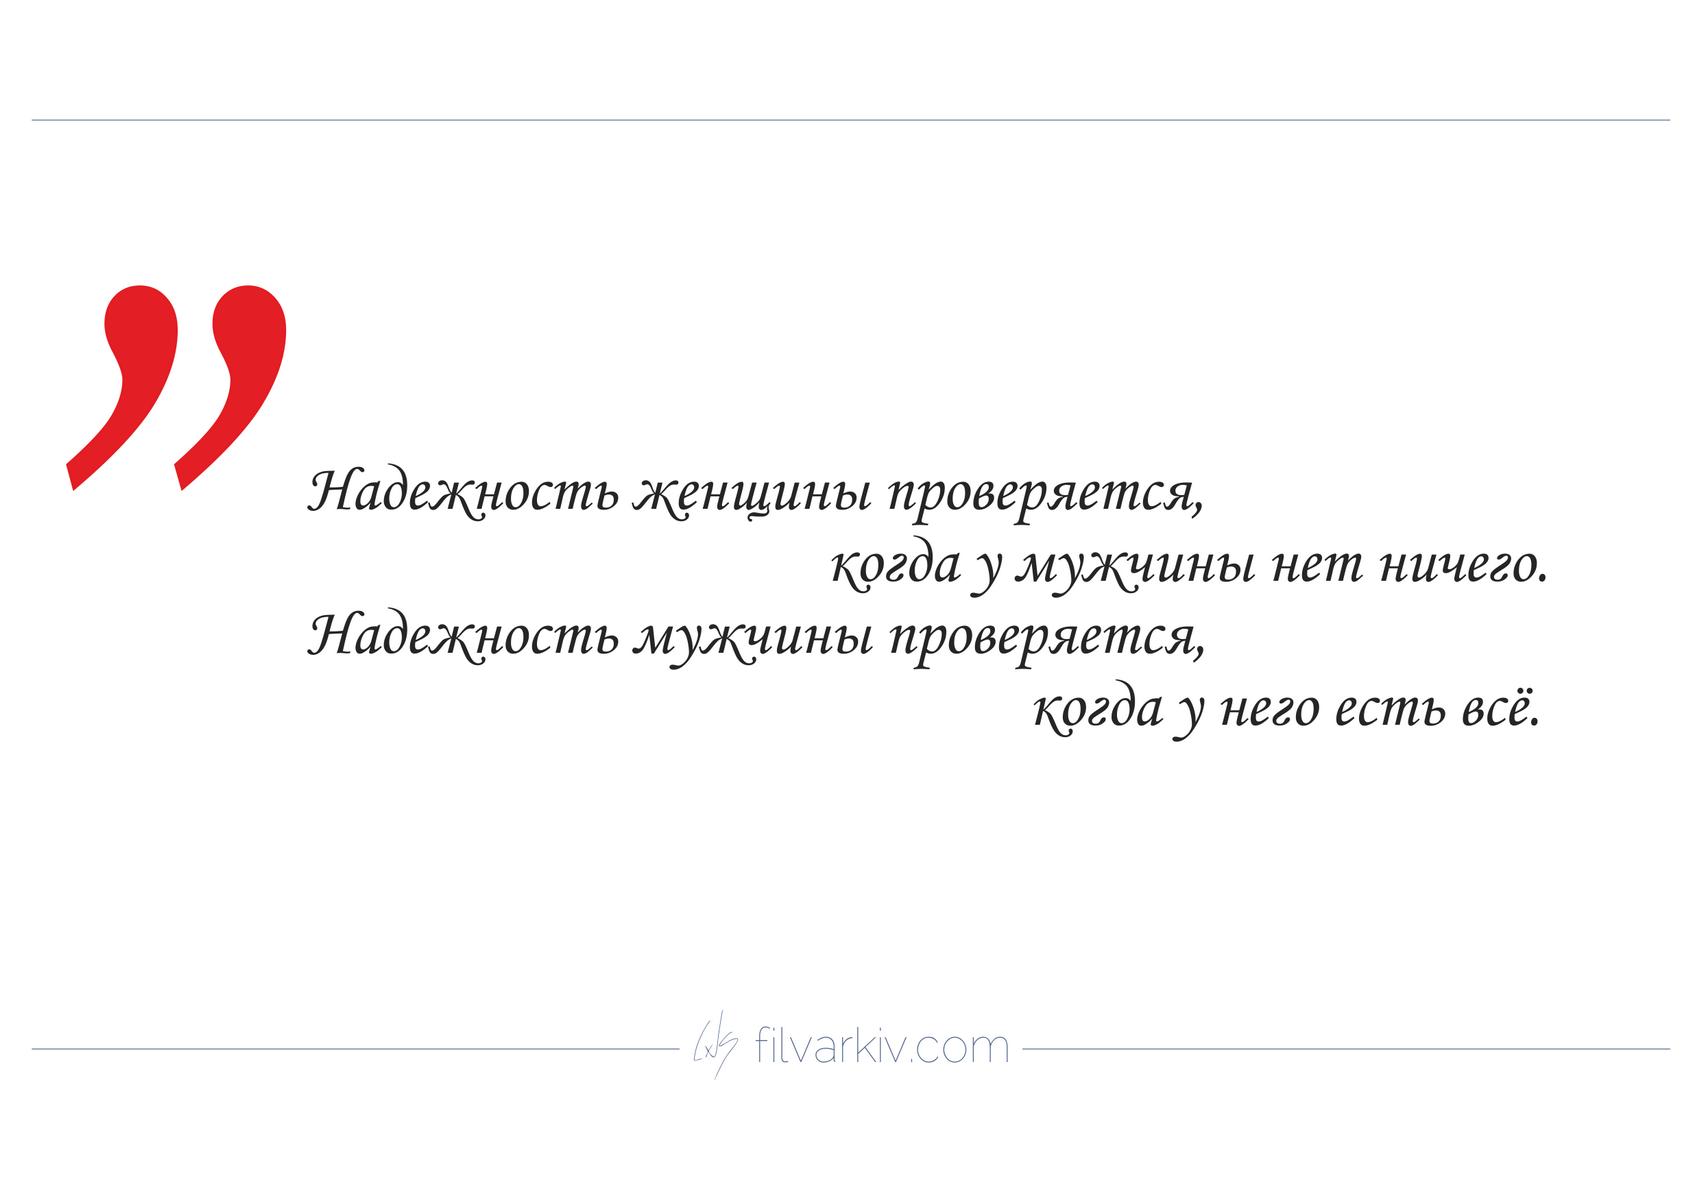 Mind of the Day | filvarkiv.com